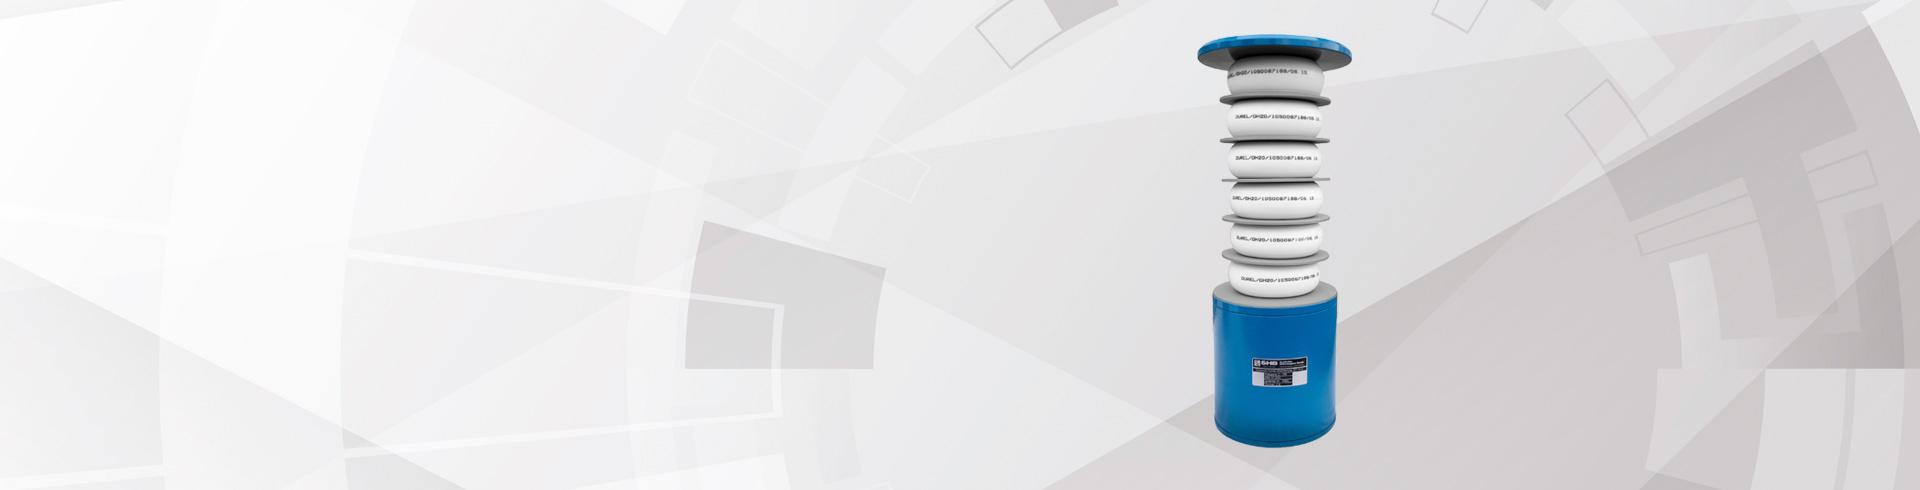 Stoßeinrichtungen – Stoßeinrichtungen – SHB Hebezeugbau GmbH